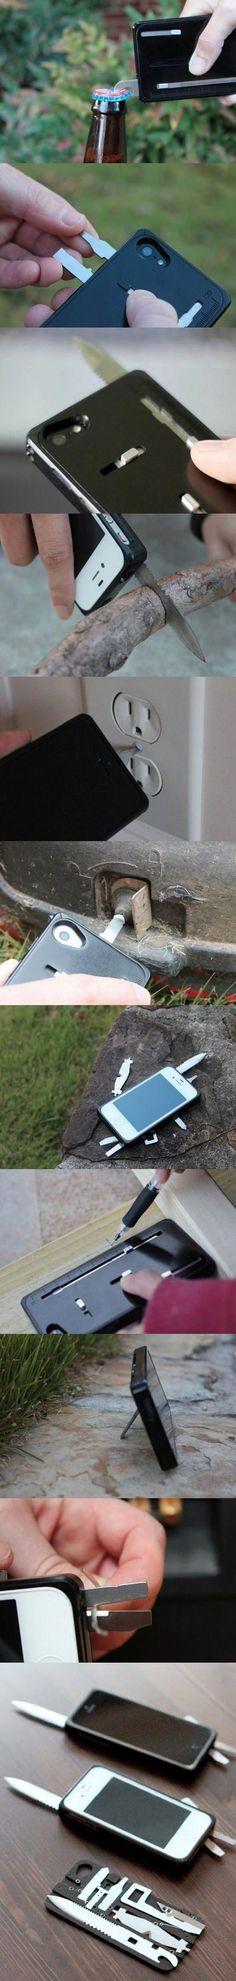 Un móvil muy práctico